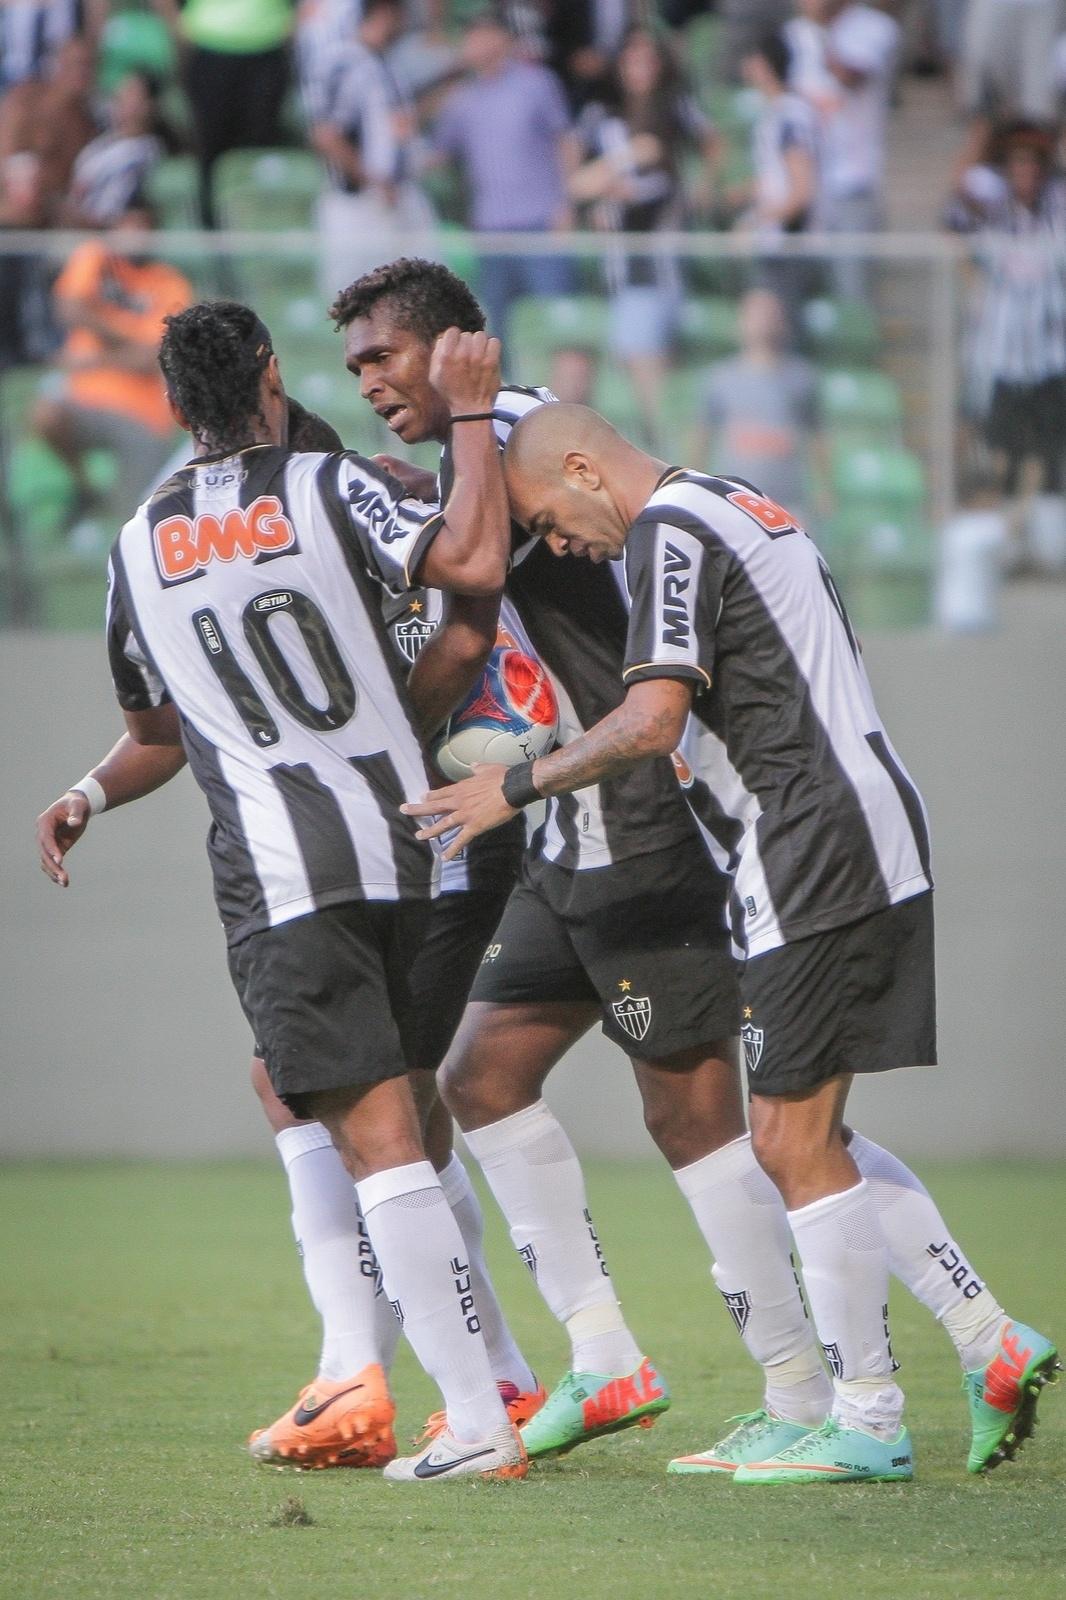 23. fev. 2014 - Jogadores do Atlético-MG comemoram gol contra o América, pelo Campeonato Mineiro